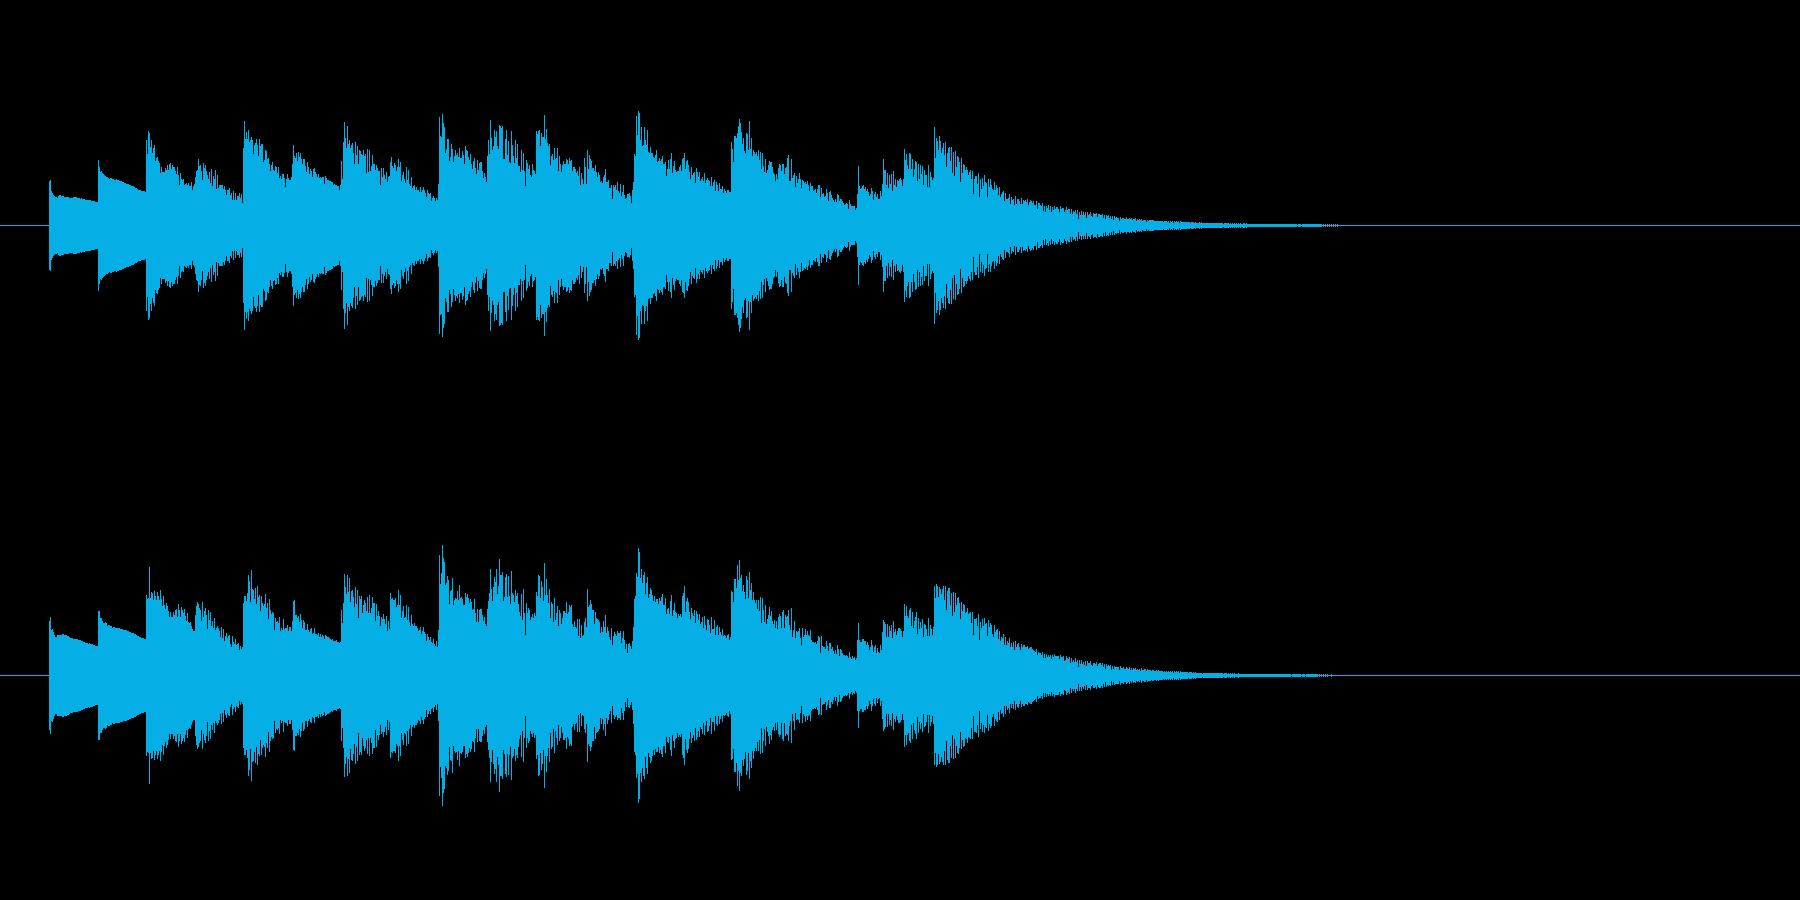 きらっと切ない系オルゴールジングル・短調の再生済みの波形